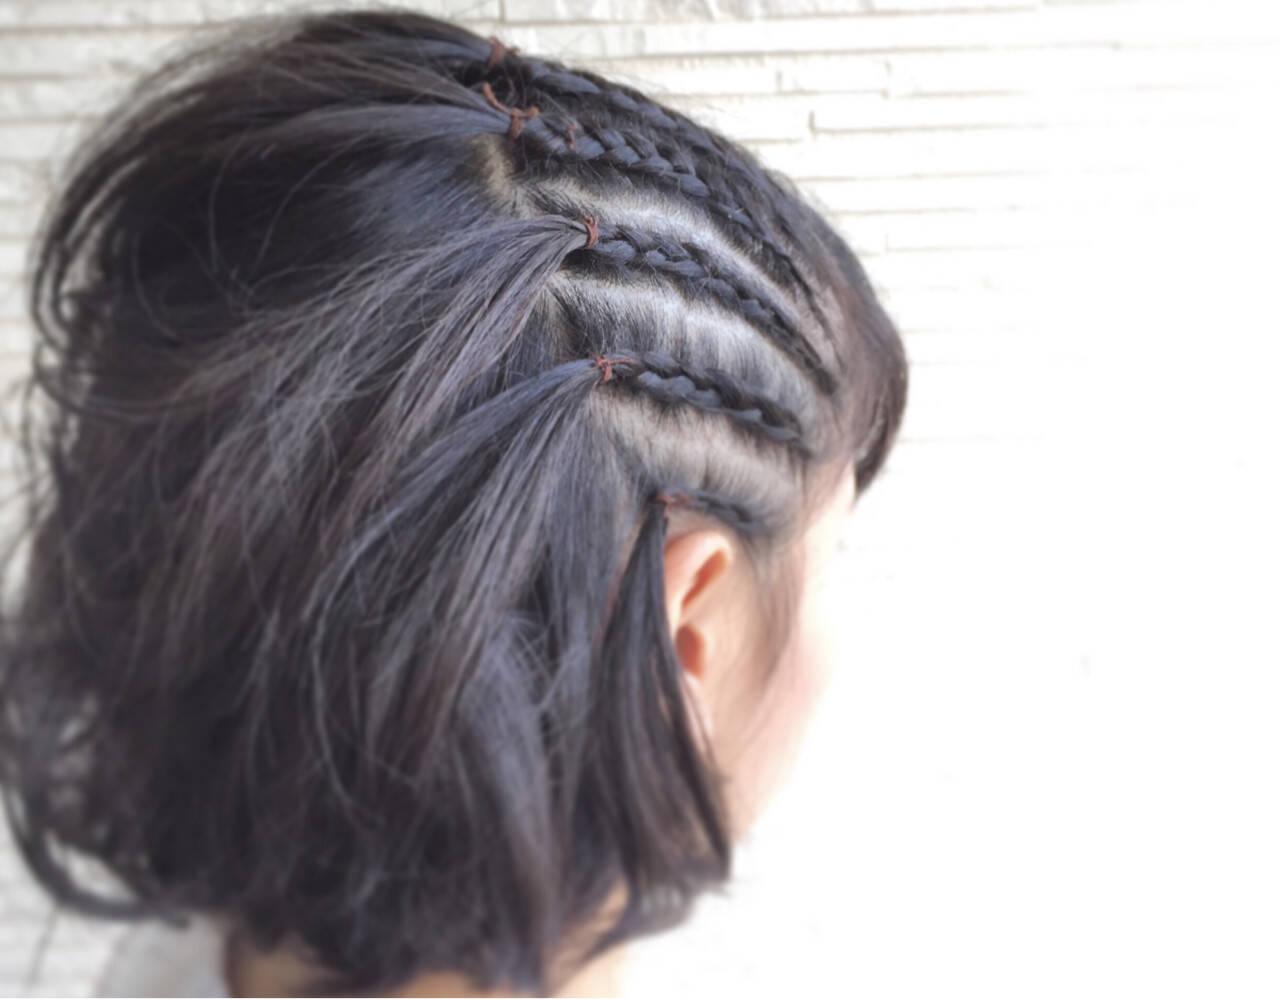 黒髪 ボブ 編み込み コーンロウヘアスタイルや髪型の写真・画像